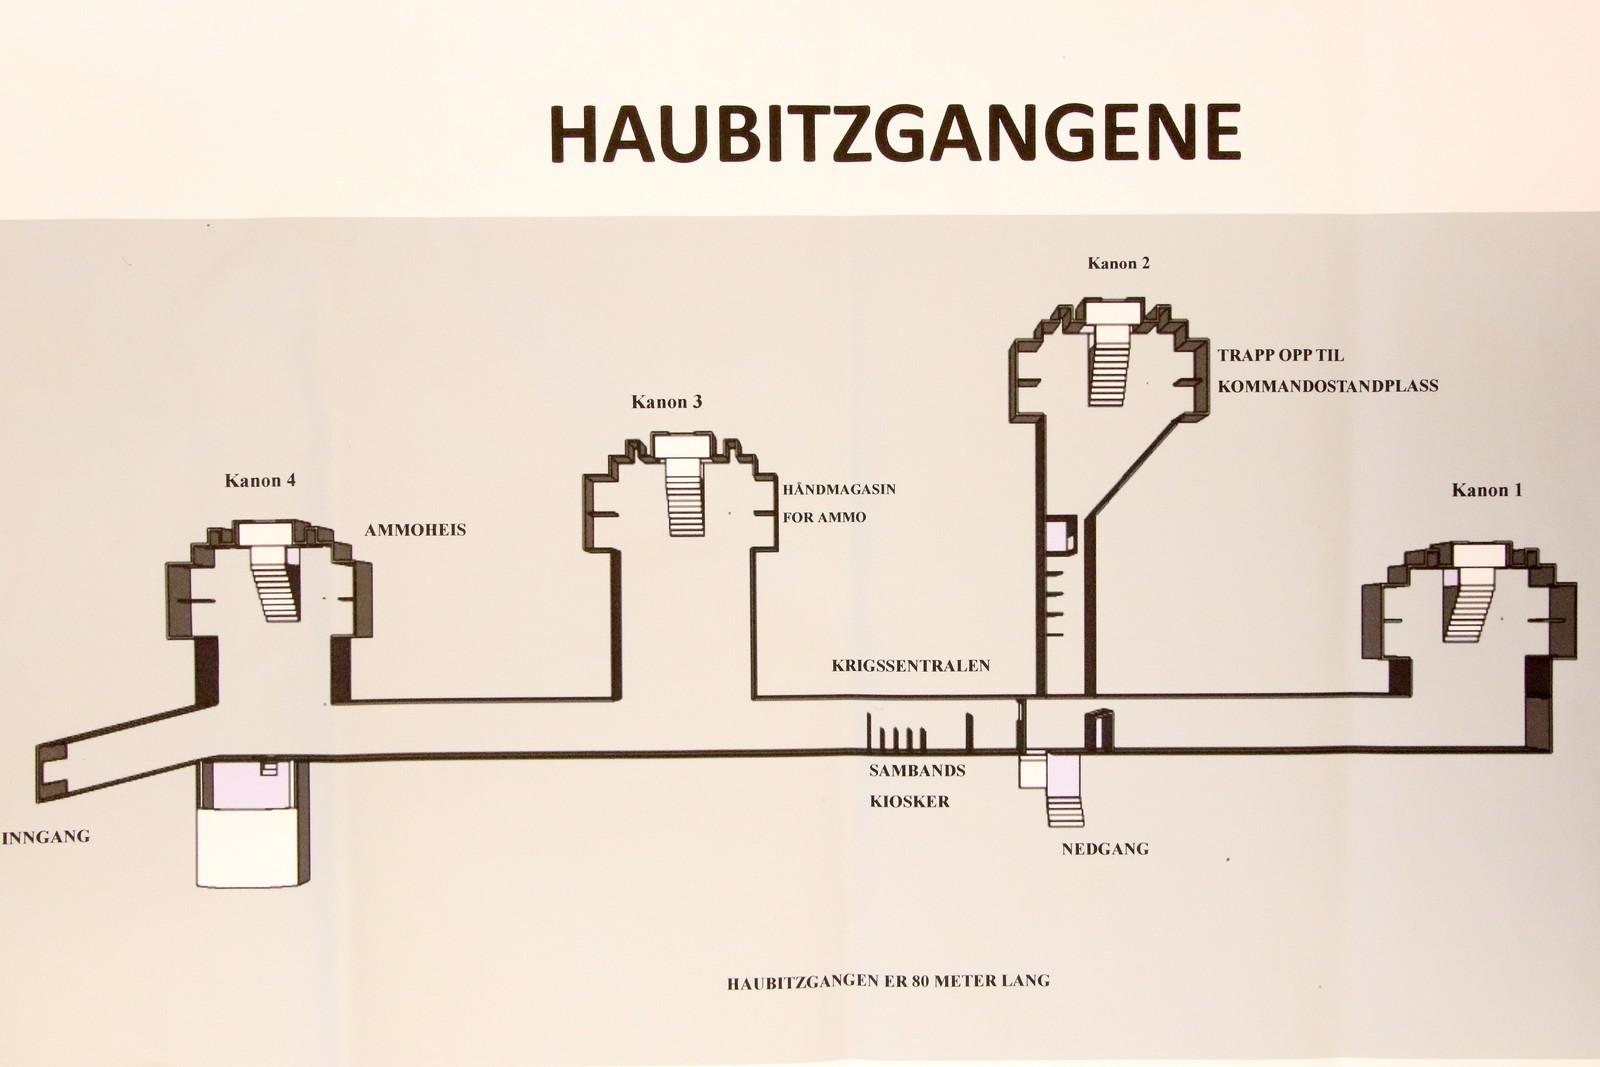 Slik ser Haubitz anlegget ut.